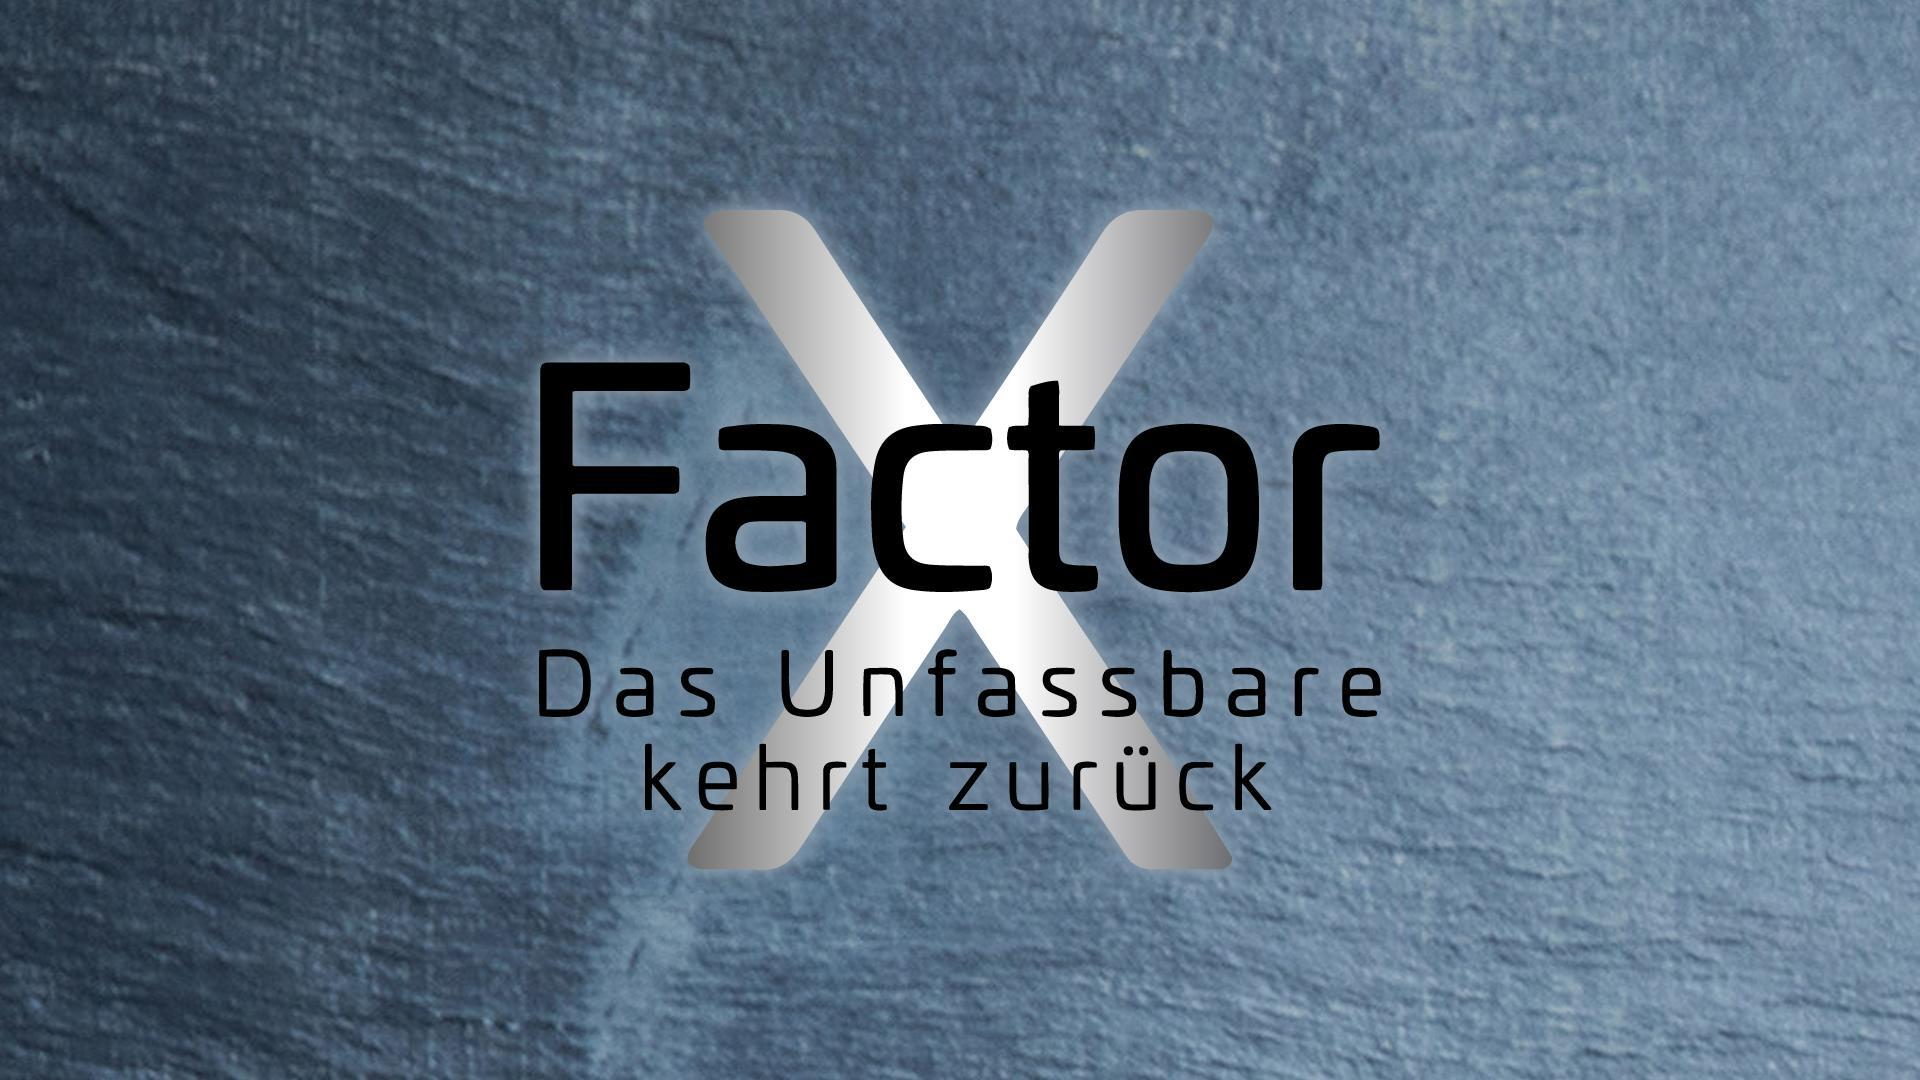 X-Factor - Das Unfassbare kehrt zurück